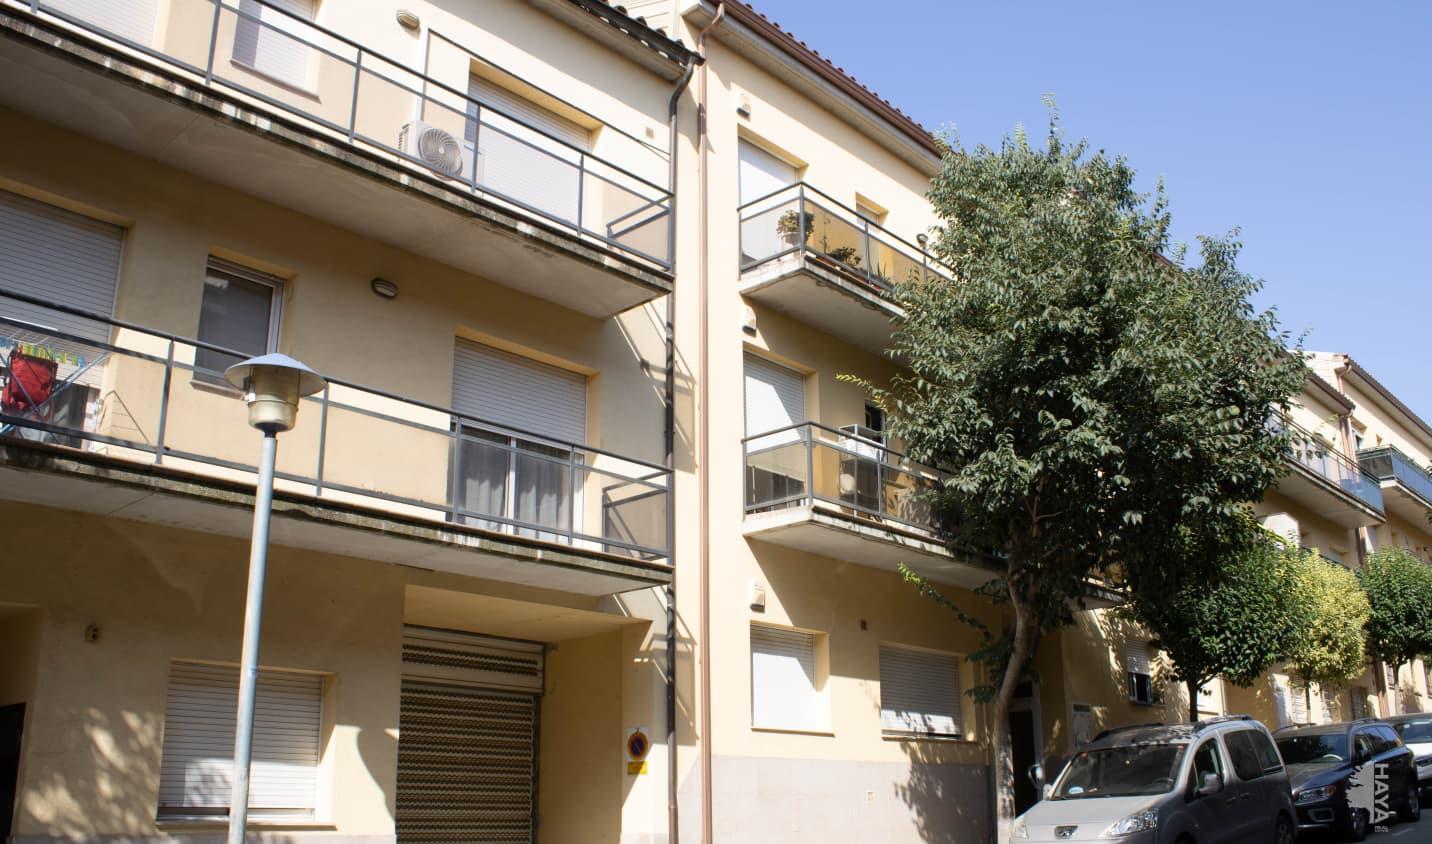 Piso en venta en Xalet Sant Jordi, Palafrugell, Girona, Calle Mont-ras, 72.400 €, 2 habitaciones, 1 baño, 59 m2